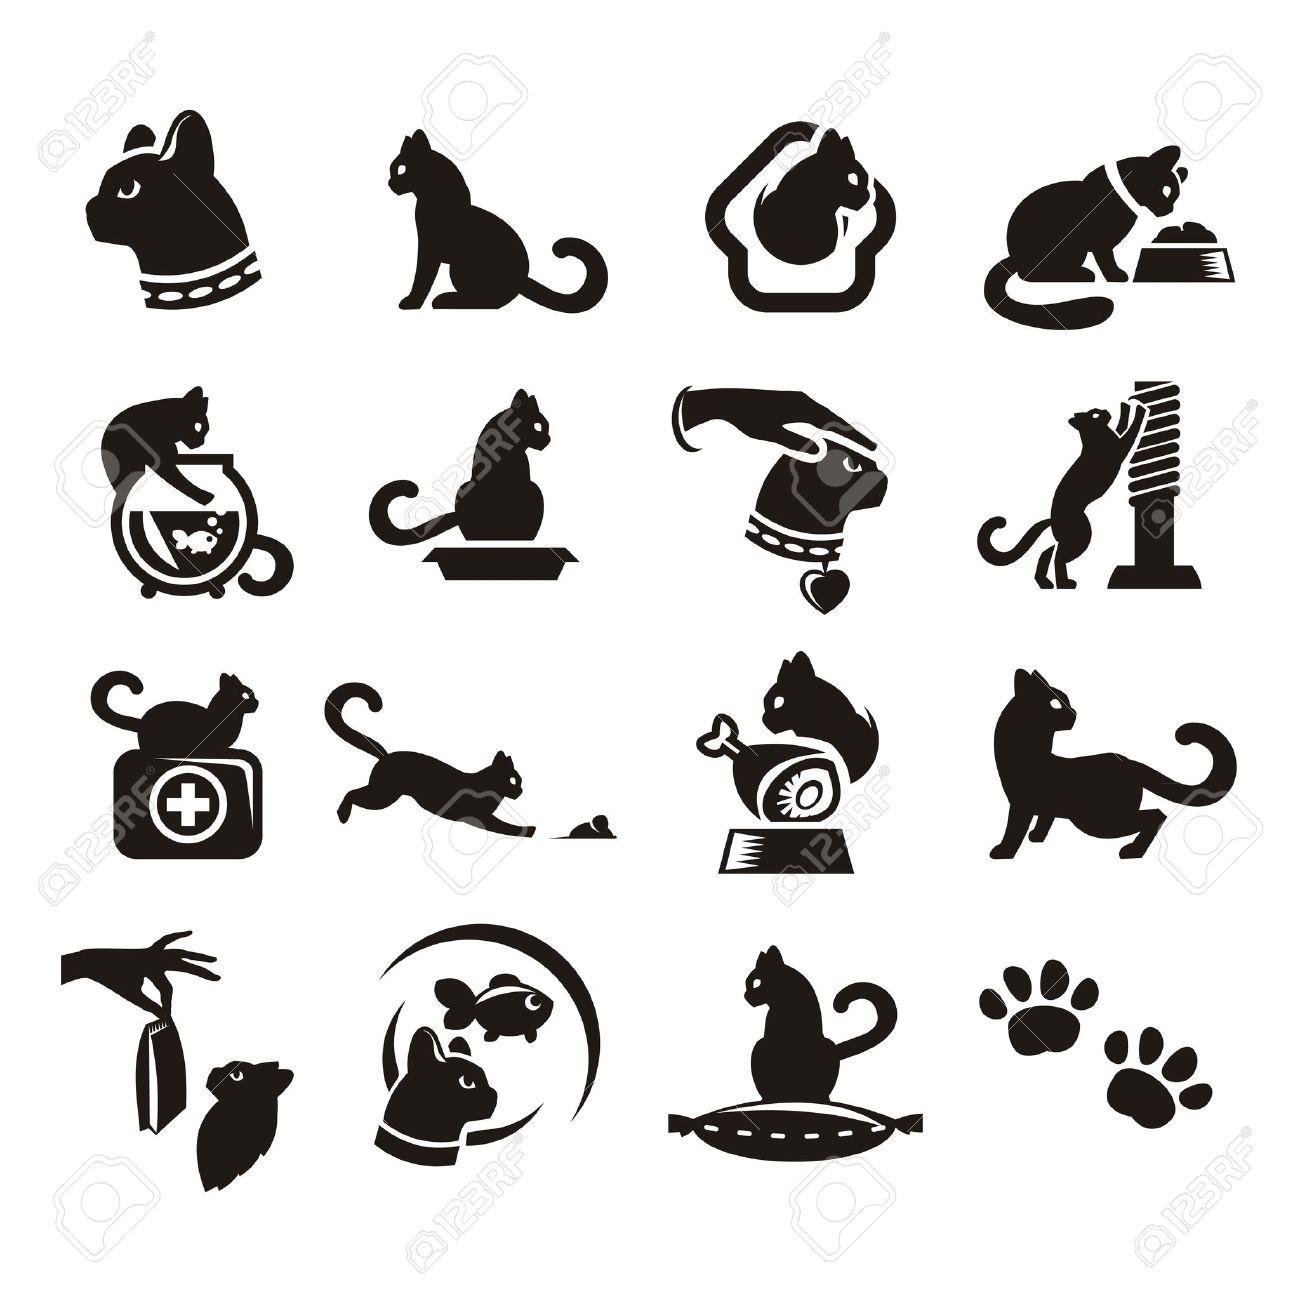 Siluetas de gato Foto de archivo - 21425334